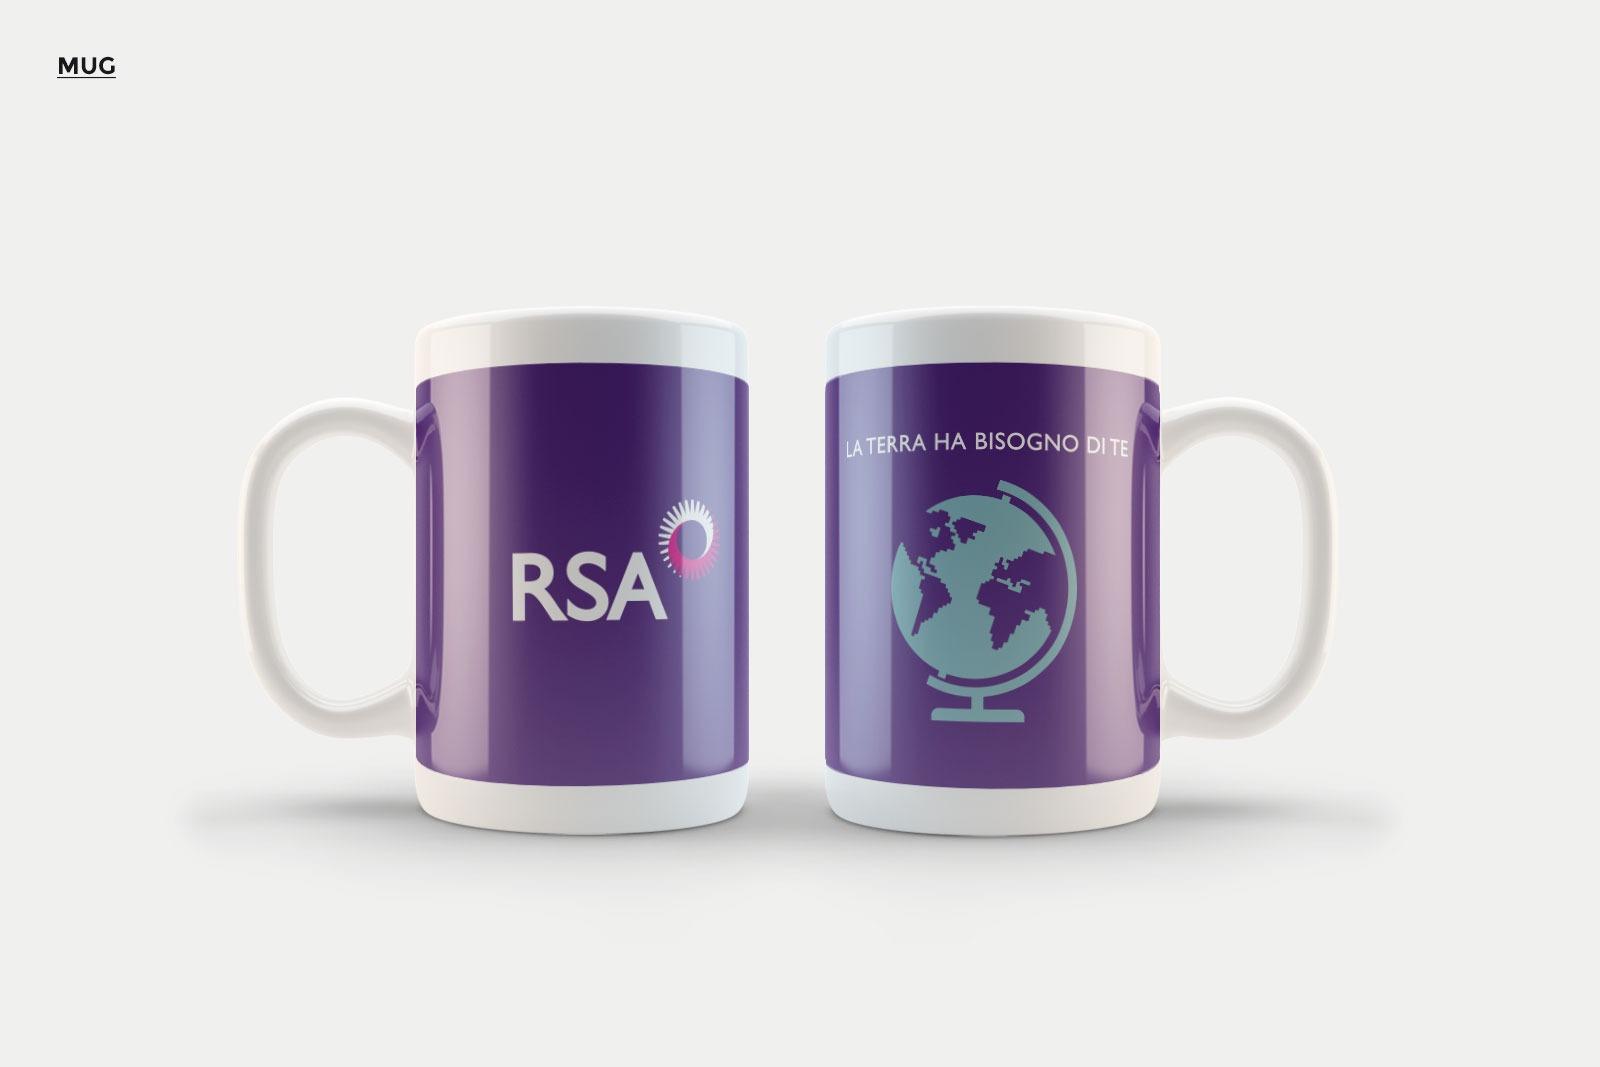 mug-rsa